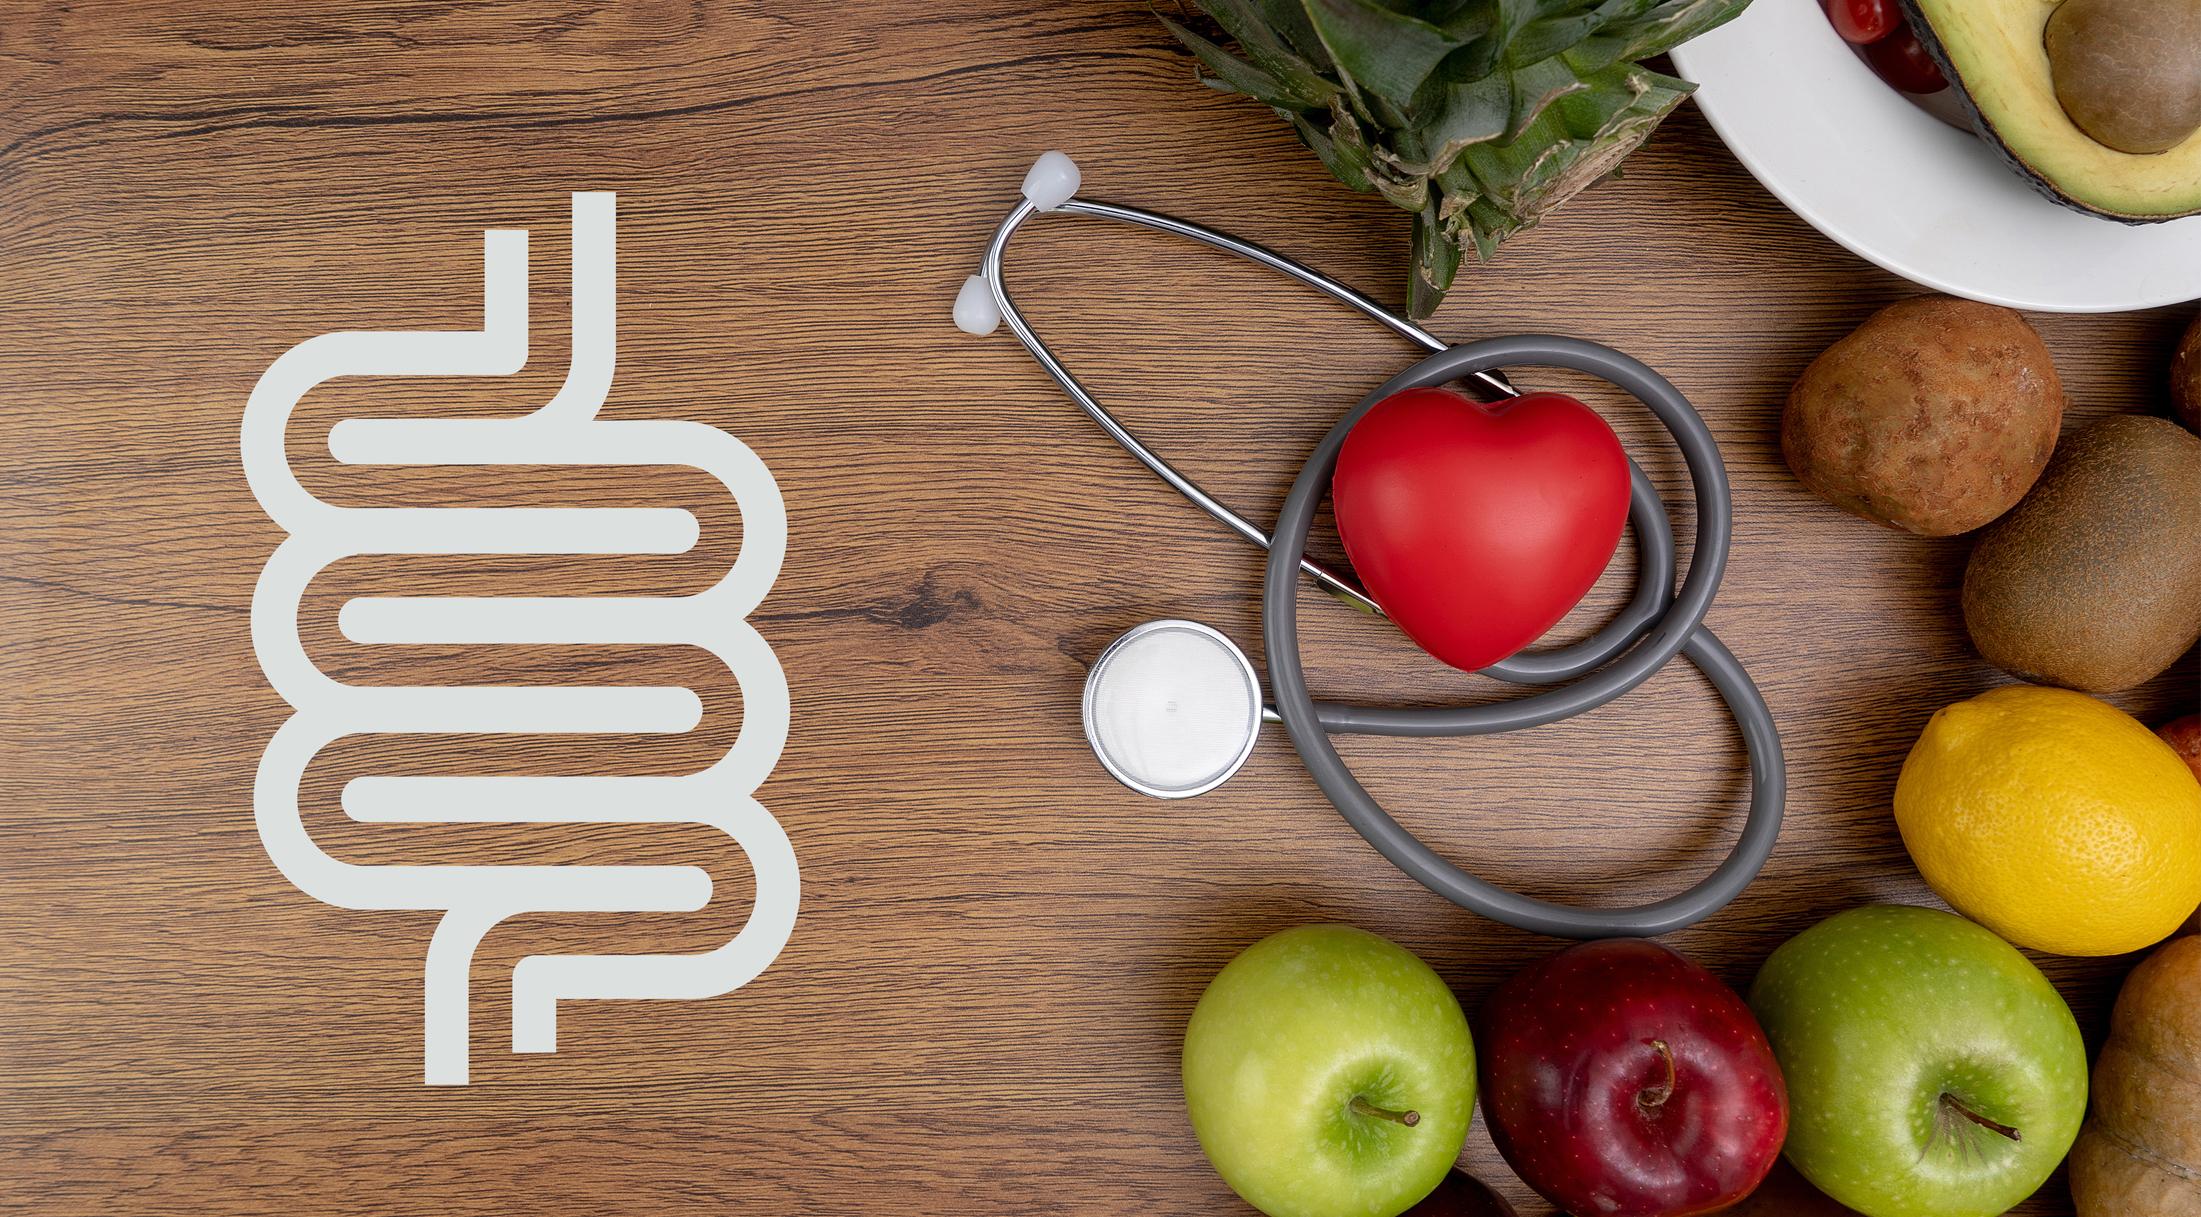 Darmkrebs vorbeugen: Ein gesunder Lebensstil ist der Schlüssel